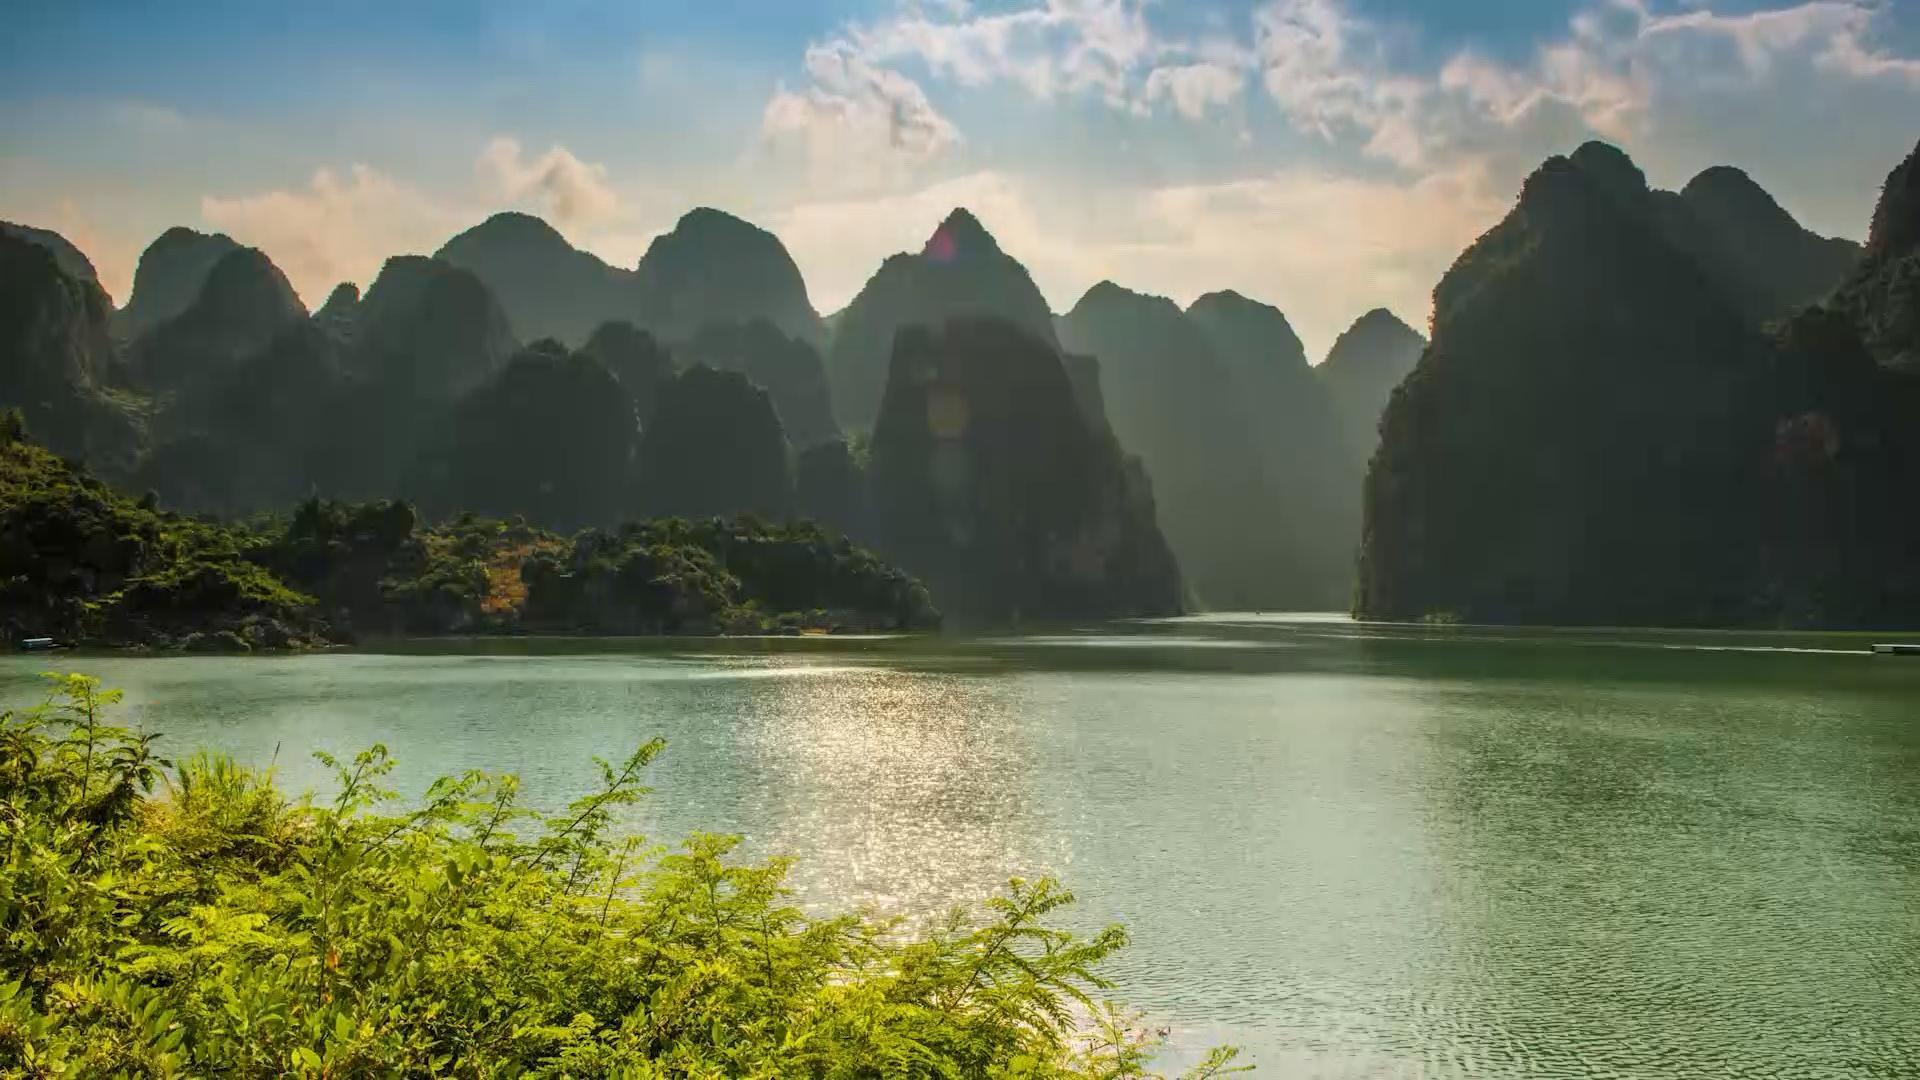 延时摄影万峰湖景色